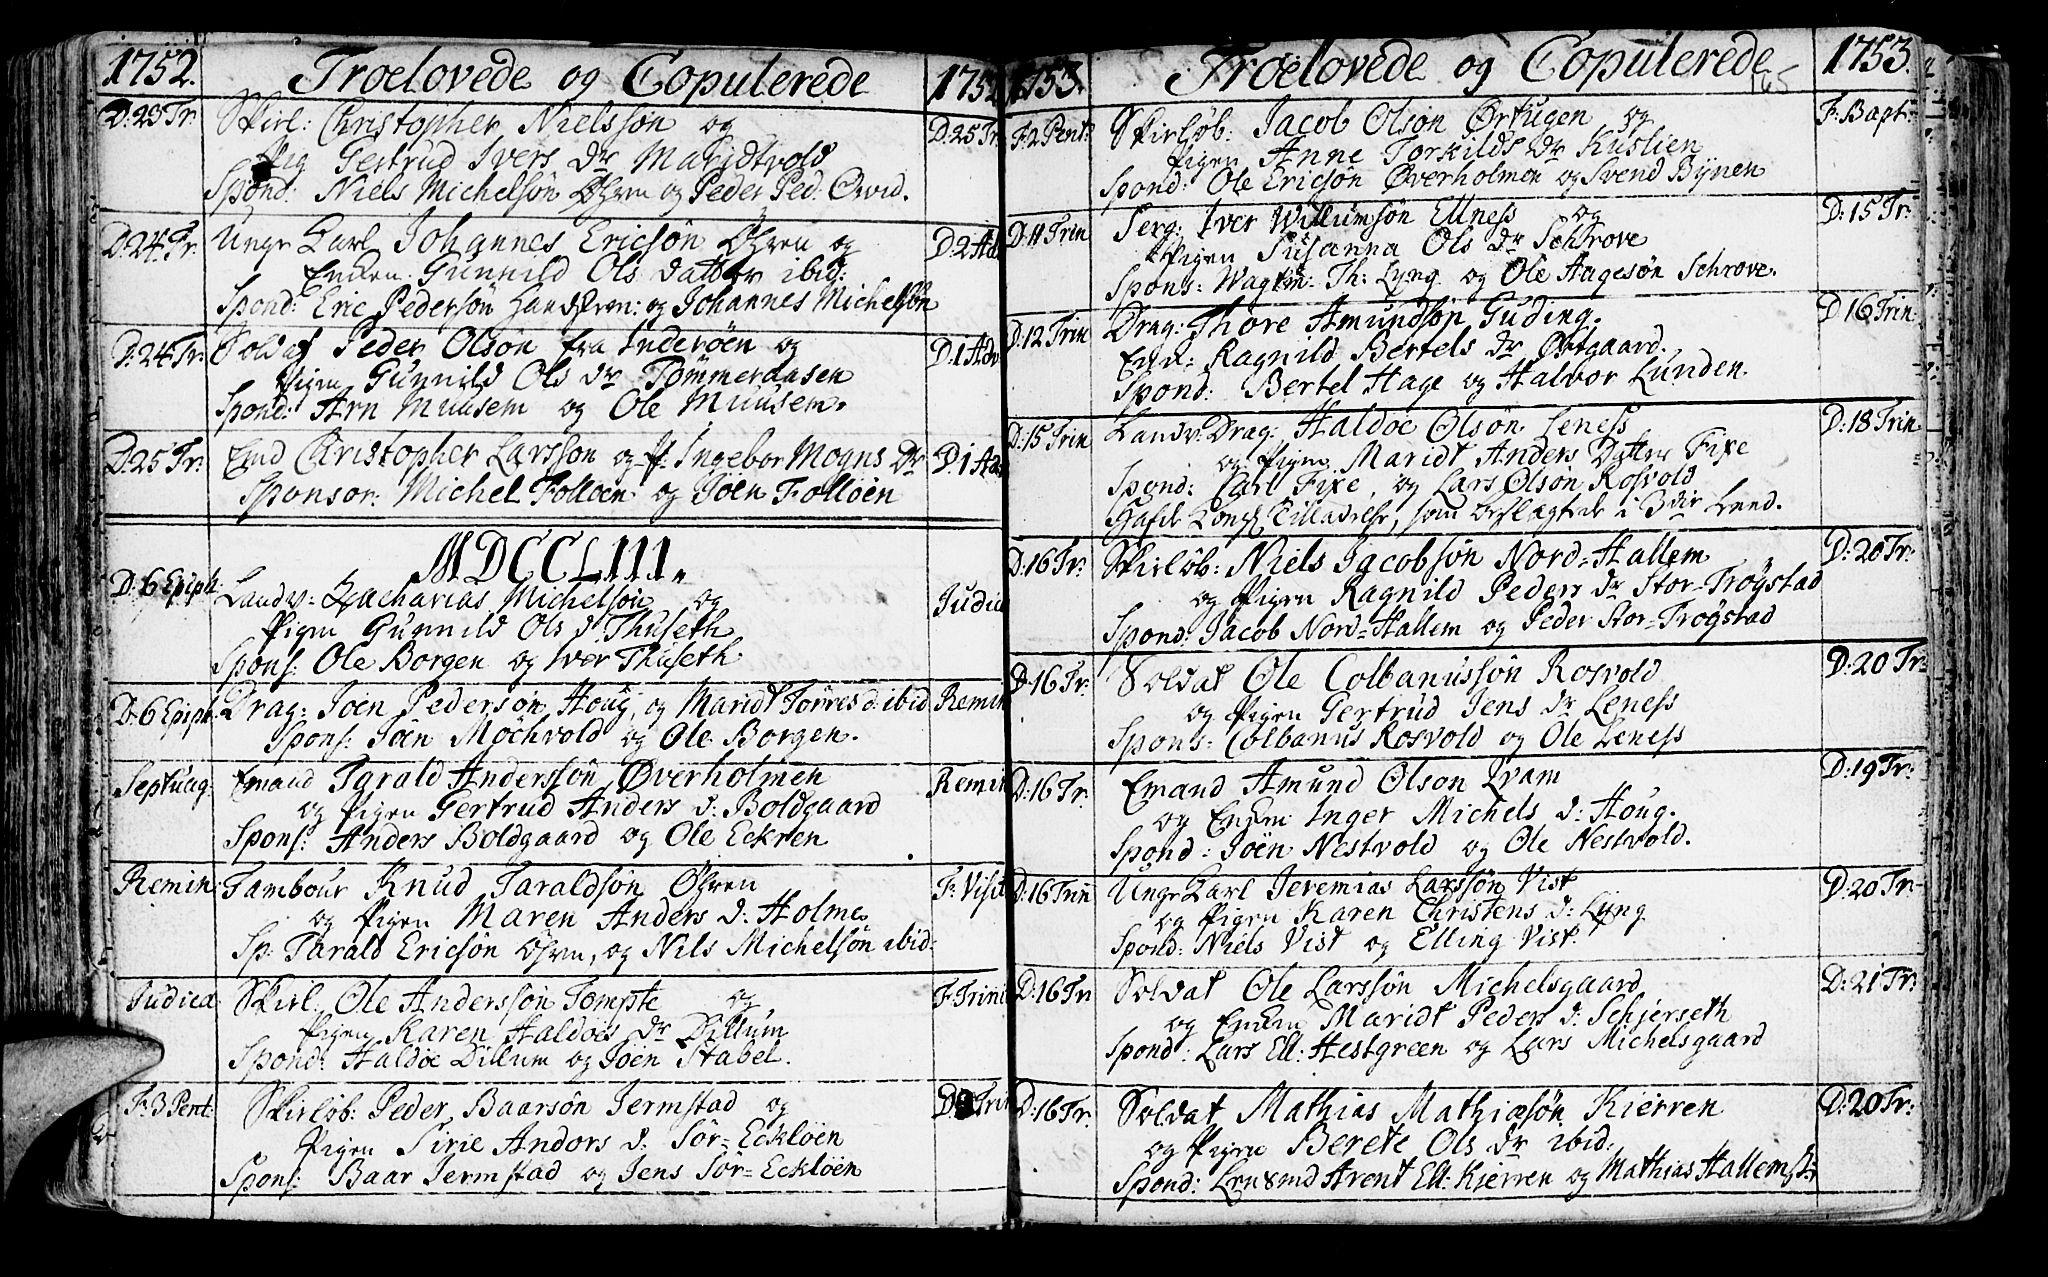 SAT, Ministerialprotokoller, klokkerbøker og fødselsregistre - Nord-Trøndelag, 723/L0231: Ministerialbok nr. 723A02, 1748-1780, s. 165